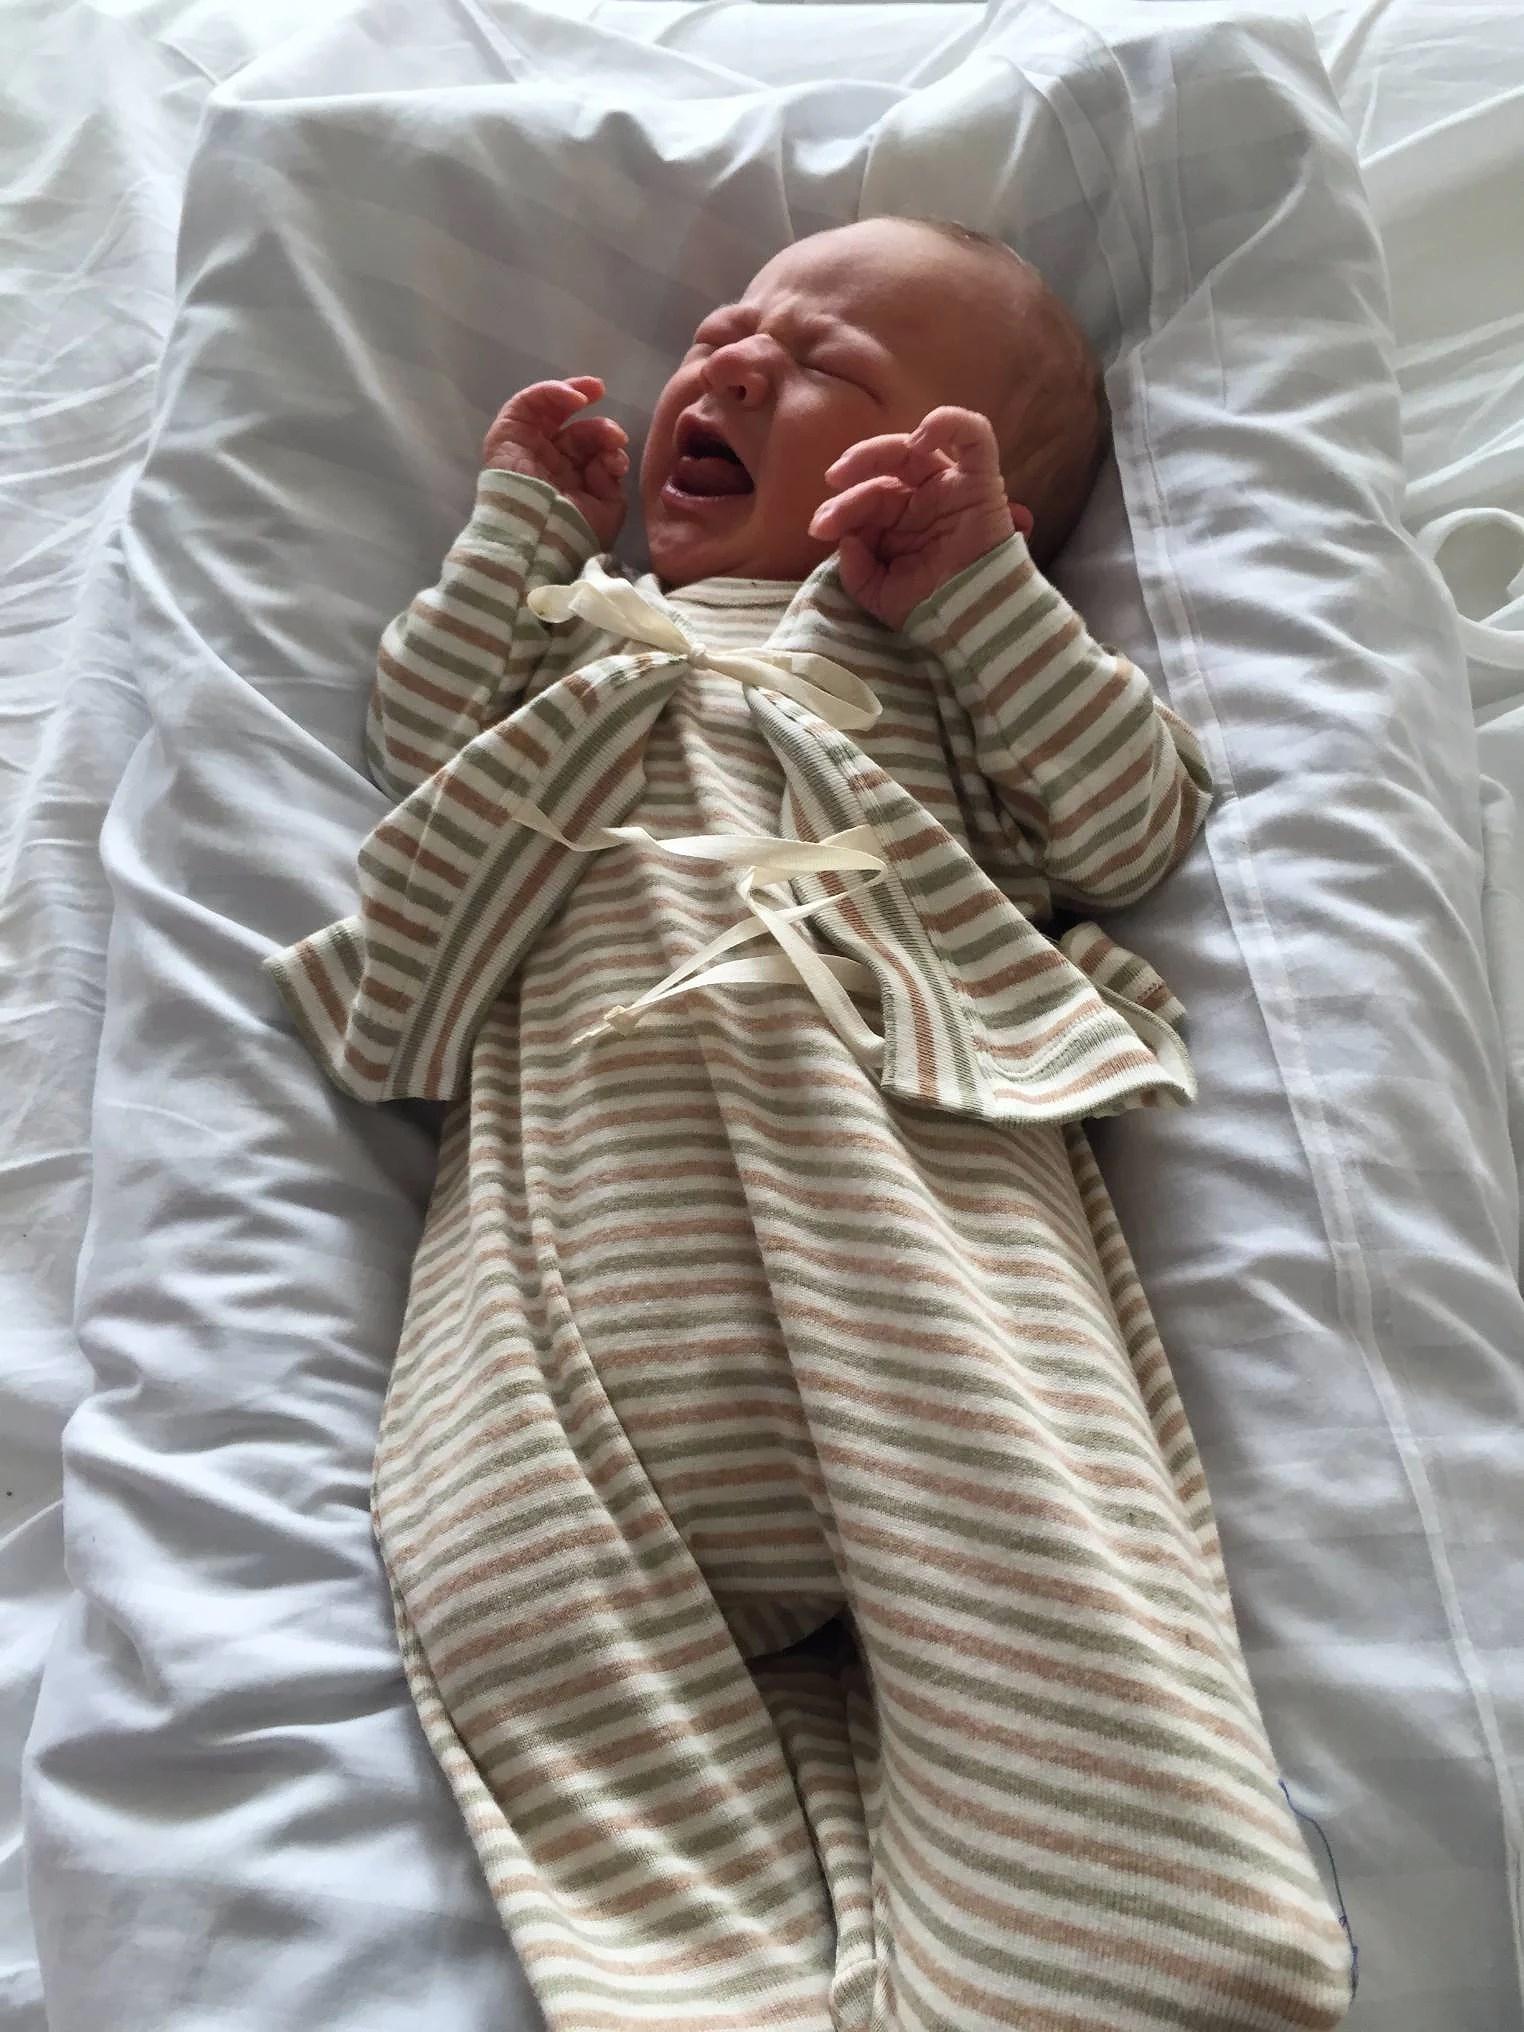 Det där med bebisskrik